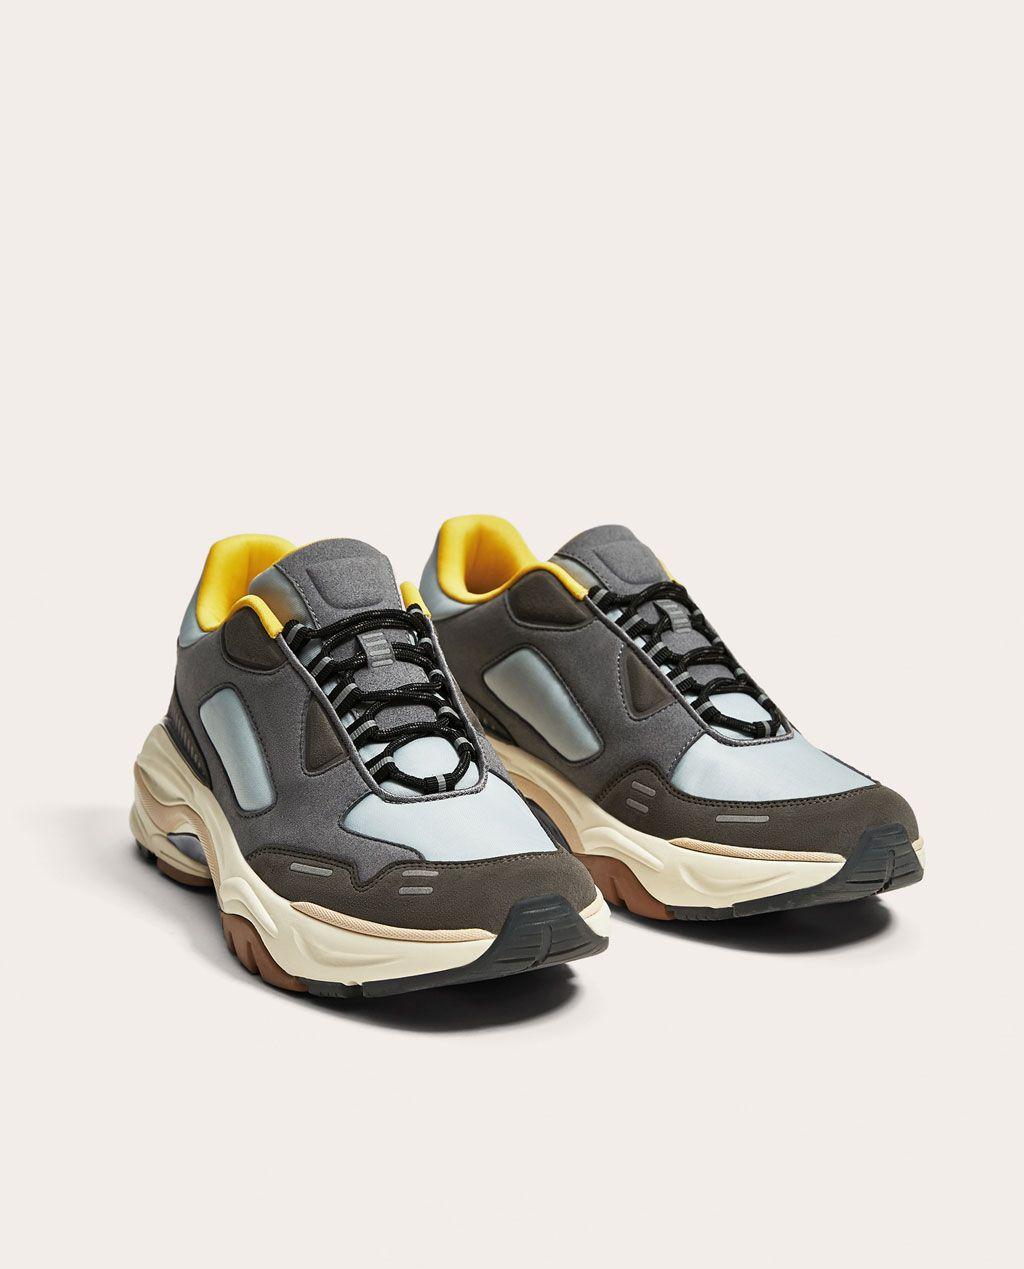 99533466a1ae6f Nike Men's Court Lite Tennis Shoe NEGRO - Livraison Gratuite avec - Chaussures  Baskets basses Homme :